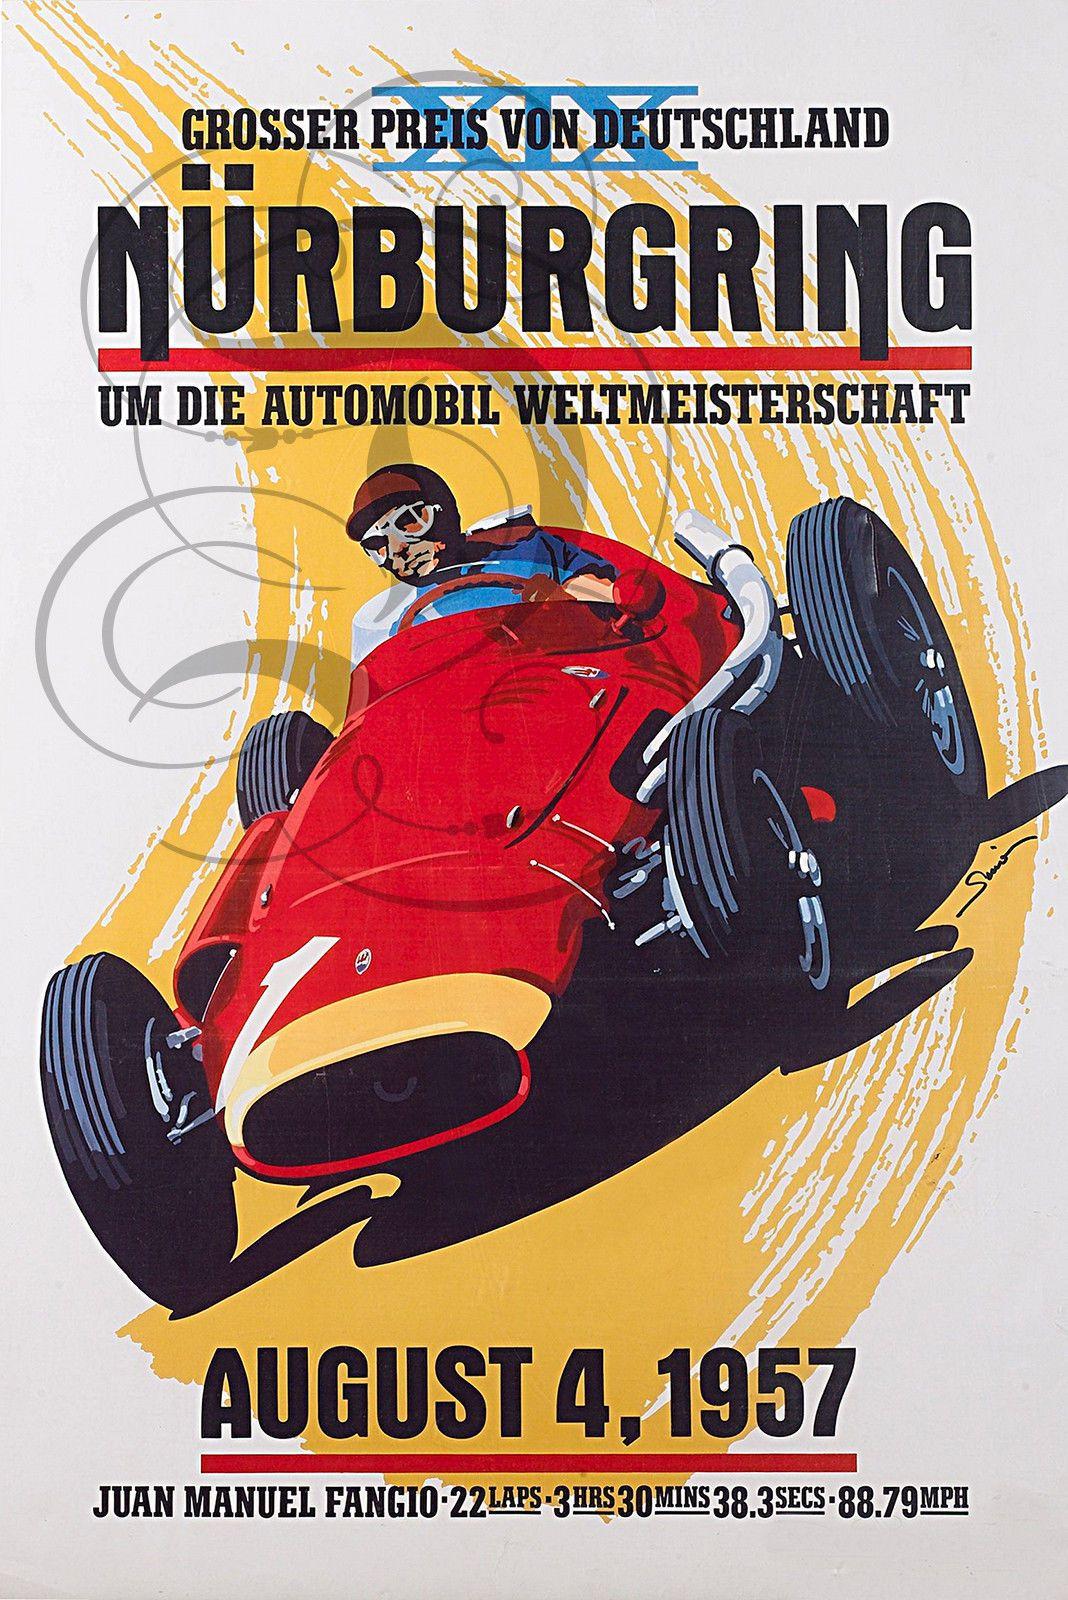 plaque alu reproduisant une affiche gp nurburgring 1957 fangio affiches pinterest formule. Black Bedroom Furniture Sets. Home Design Ideas